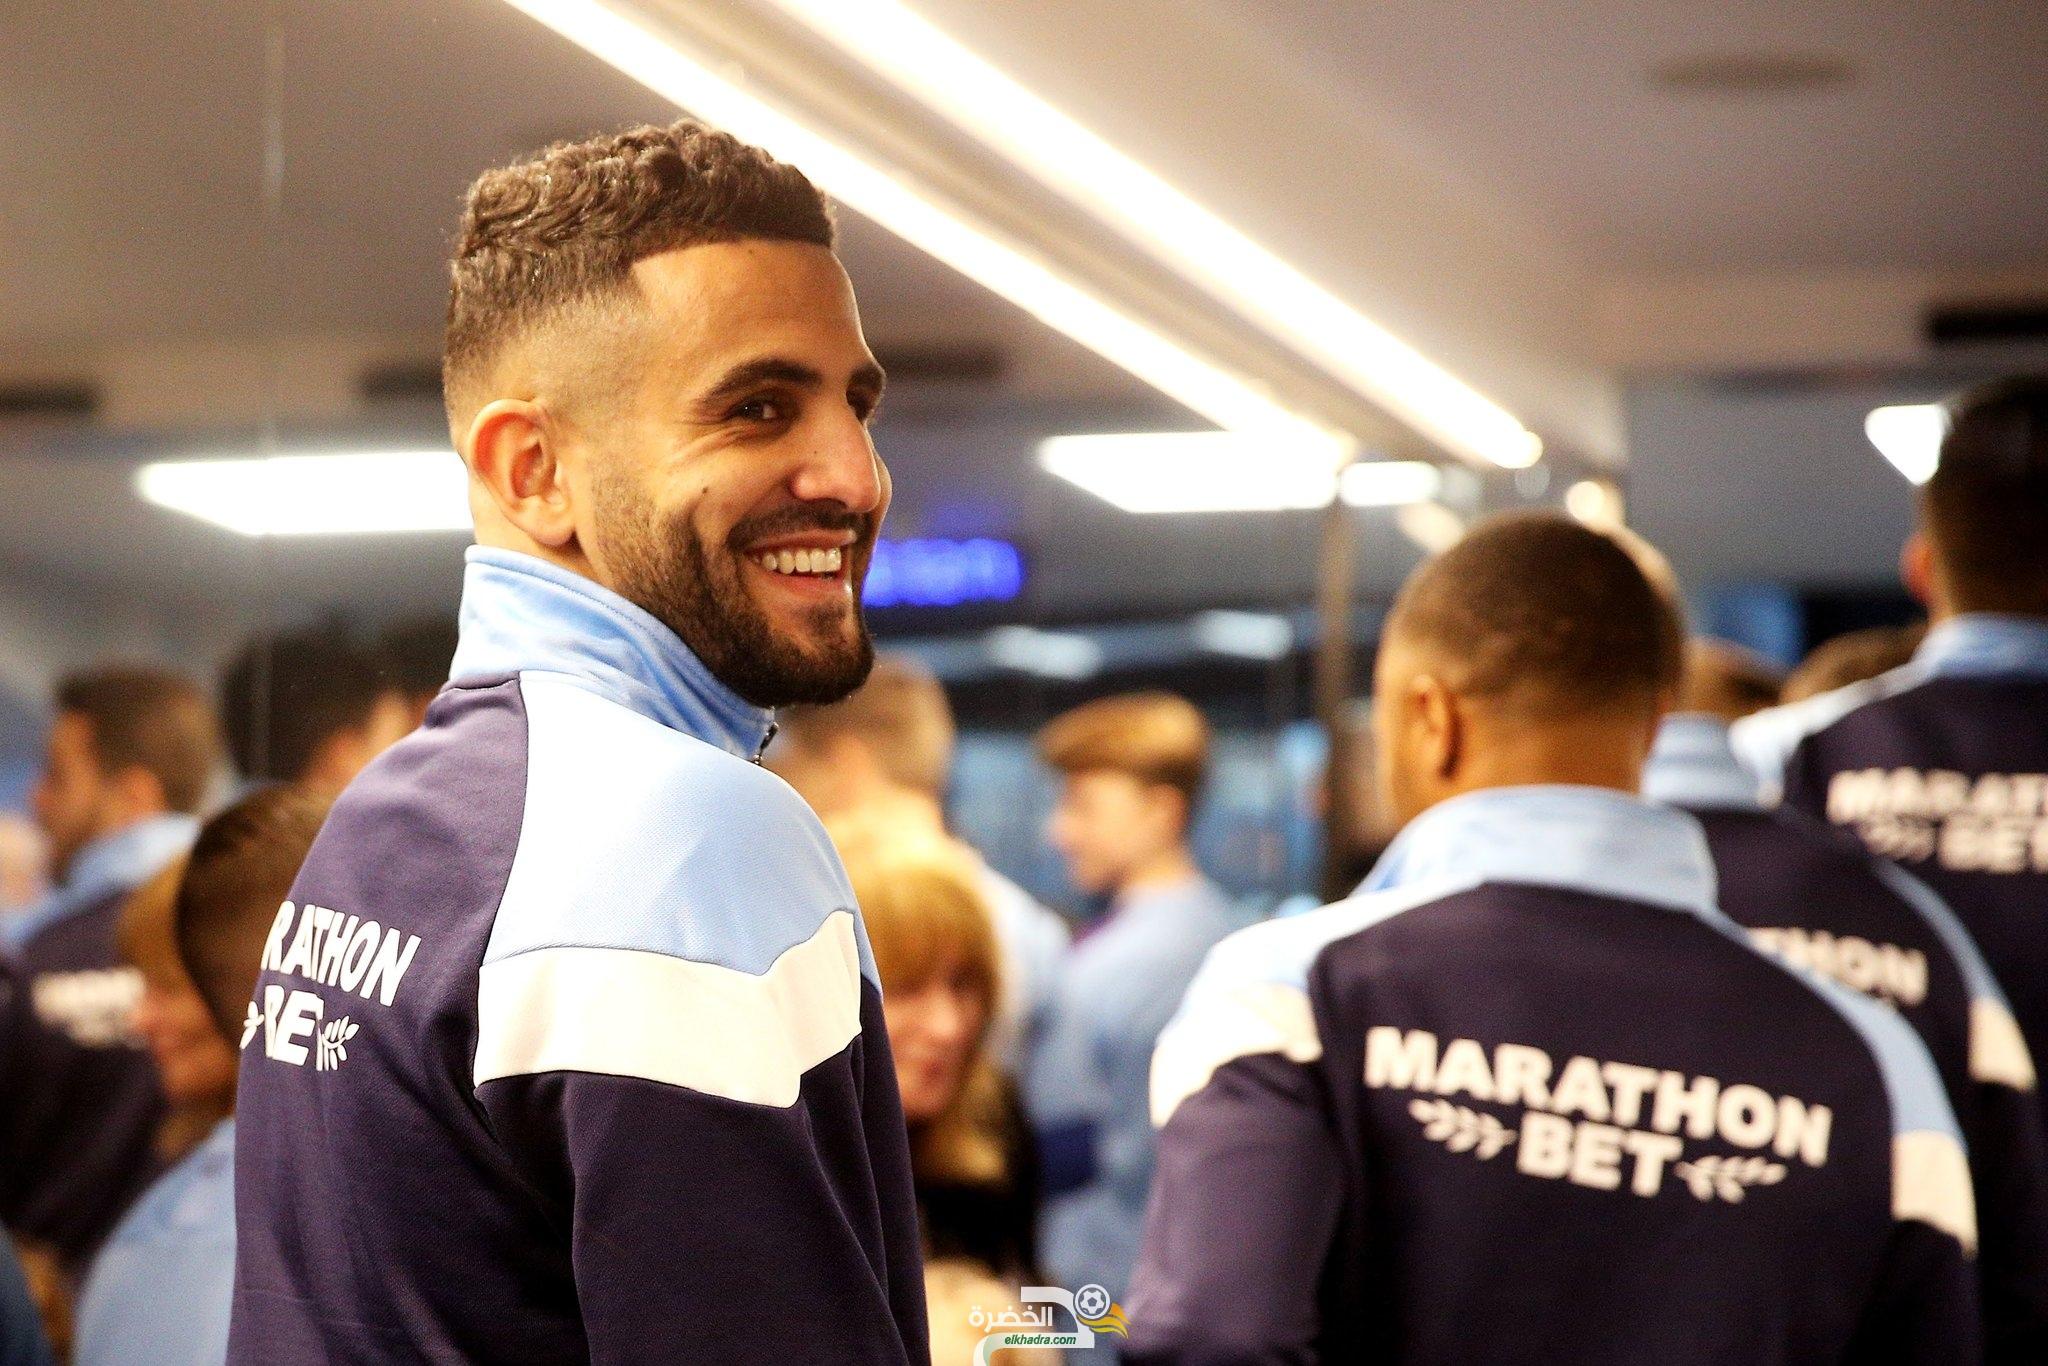 رياض محرز يتطلع لتحقيق إنجاز شخصي جديد في الدوري الإنجليزي الممتاز 27